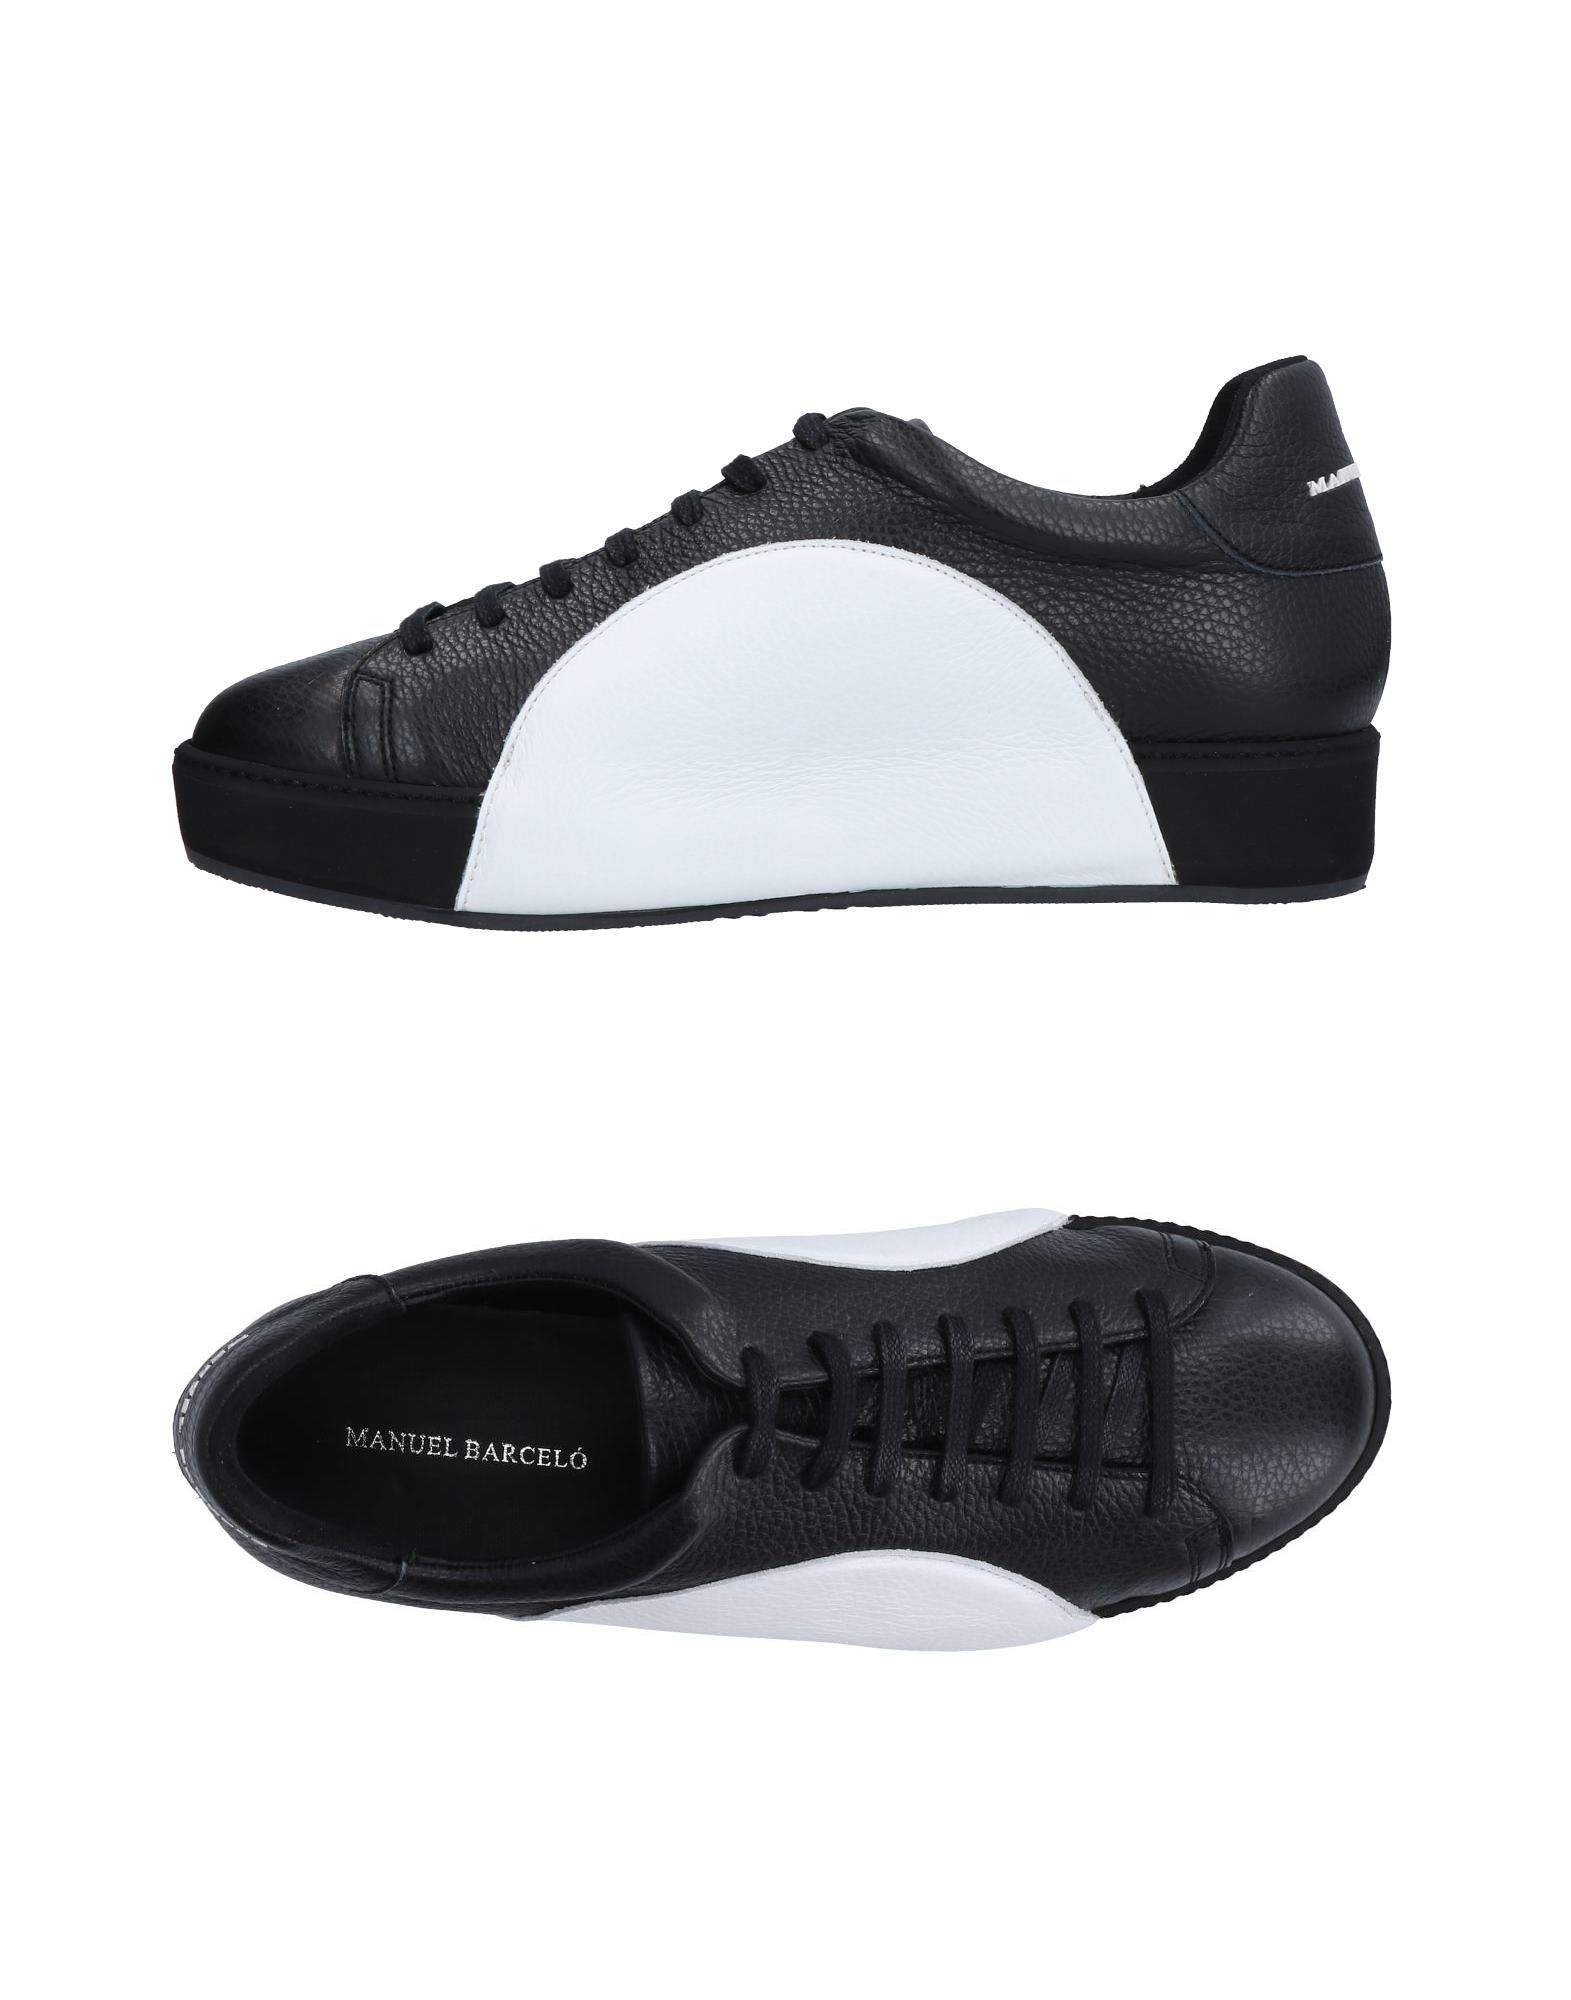 Manuel Barceló Sneakers Herren  11517198VM Gute Qualität beliebte Schuhe